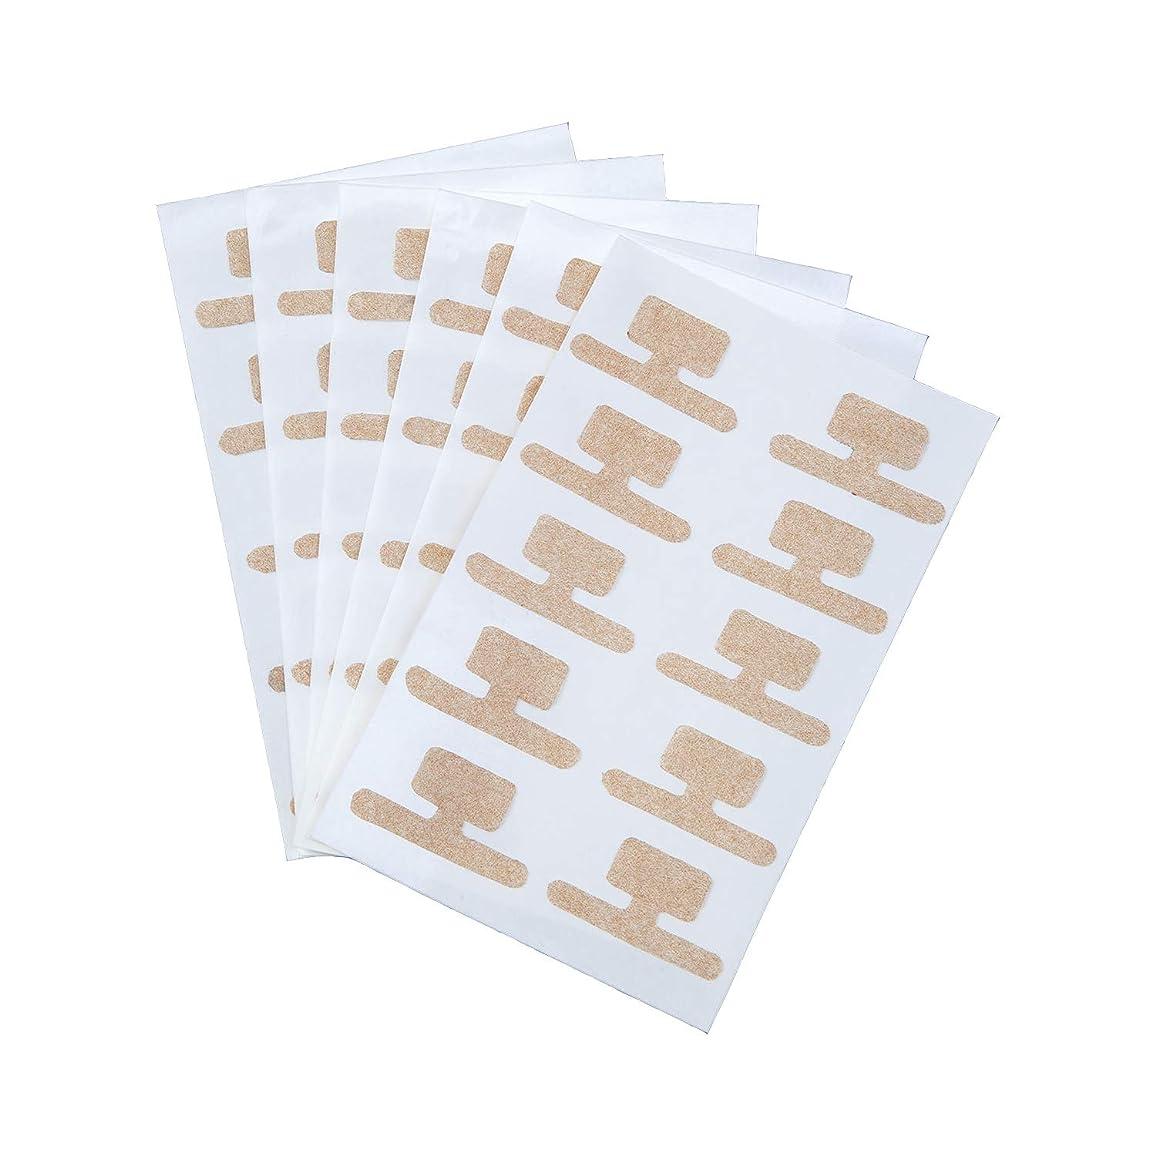 自慢恋人ローマ人巻き爪ダブルケアテープ 60枚入 持ち上げ シール 食い込み 痛み サポート 貼るだけ 足 フットケア